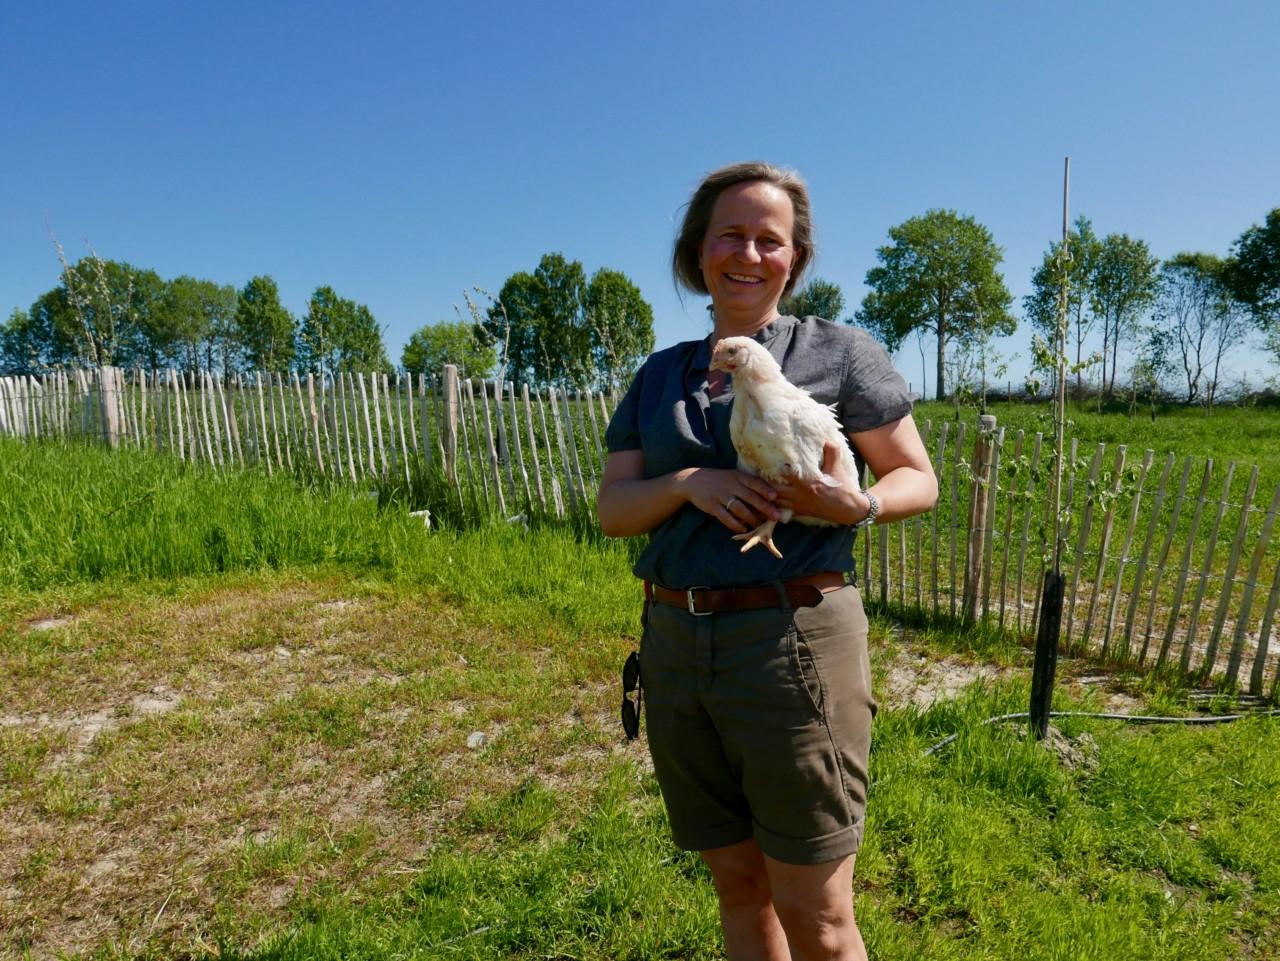 marianne-hovelsrud-gard-okologisk-kylling-green-house